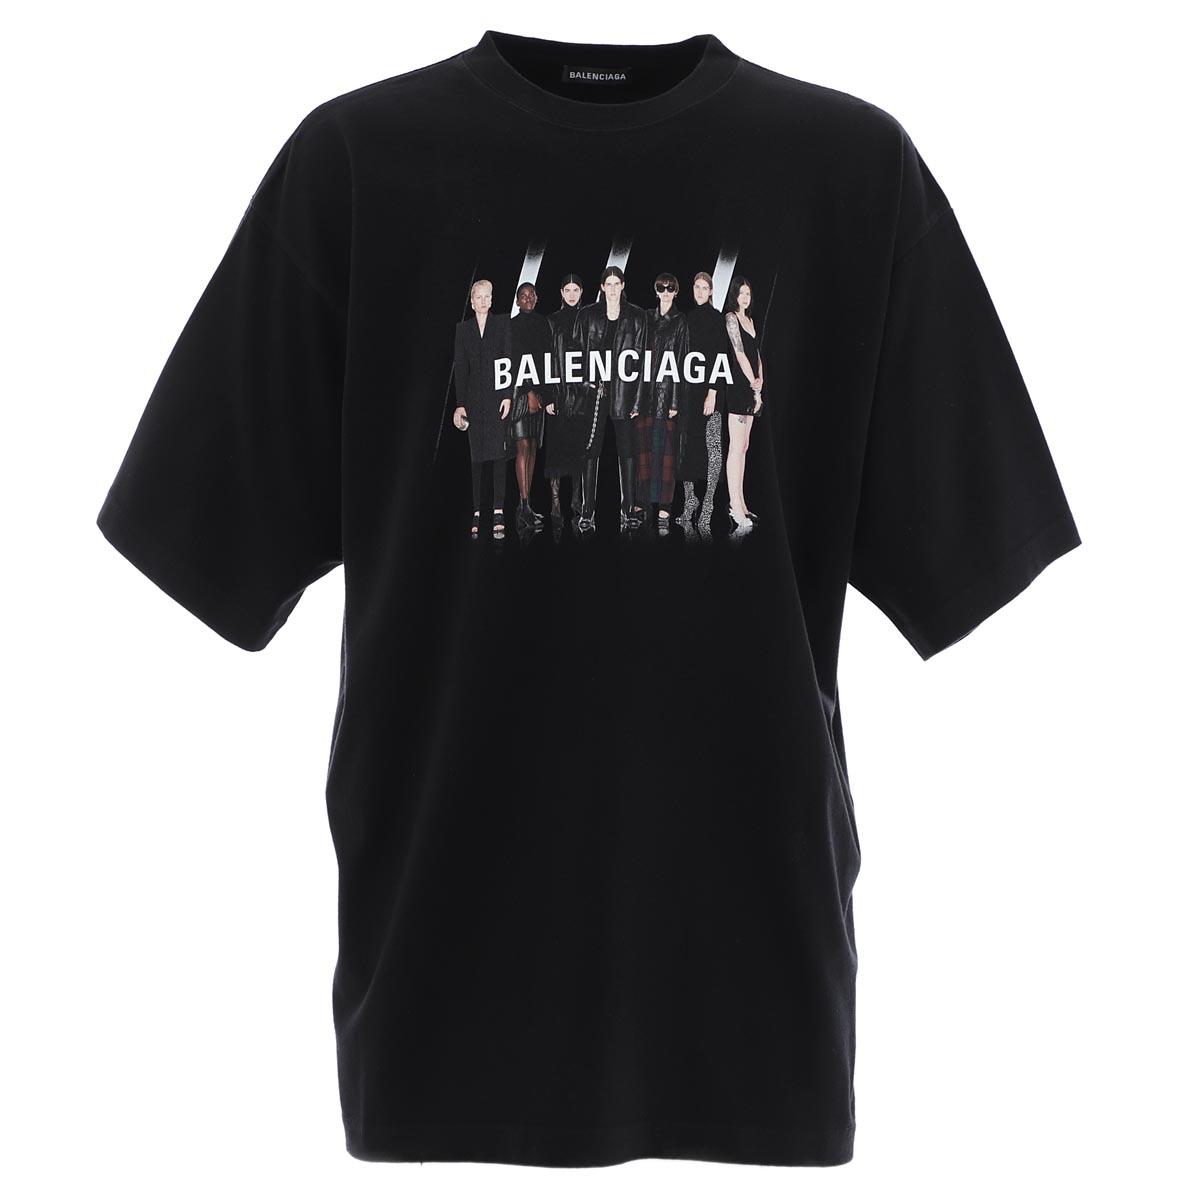 バレンシアガ BALENCIAGA クルーネックTシャツ ブラック メンズ 620969 tiva1 1000 Real Balenciaga 2 Large Fit T-shirt【あす楽対応_関東】【返品送料無料】【ラッピング無料】